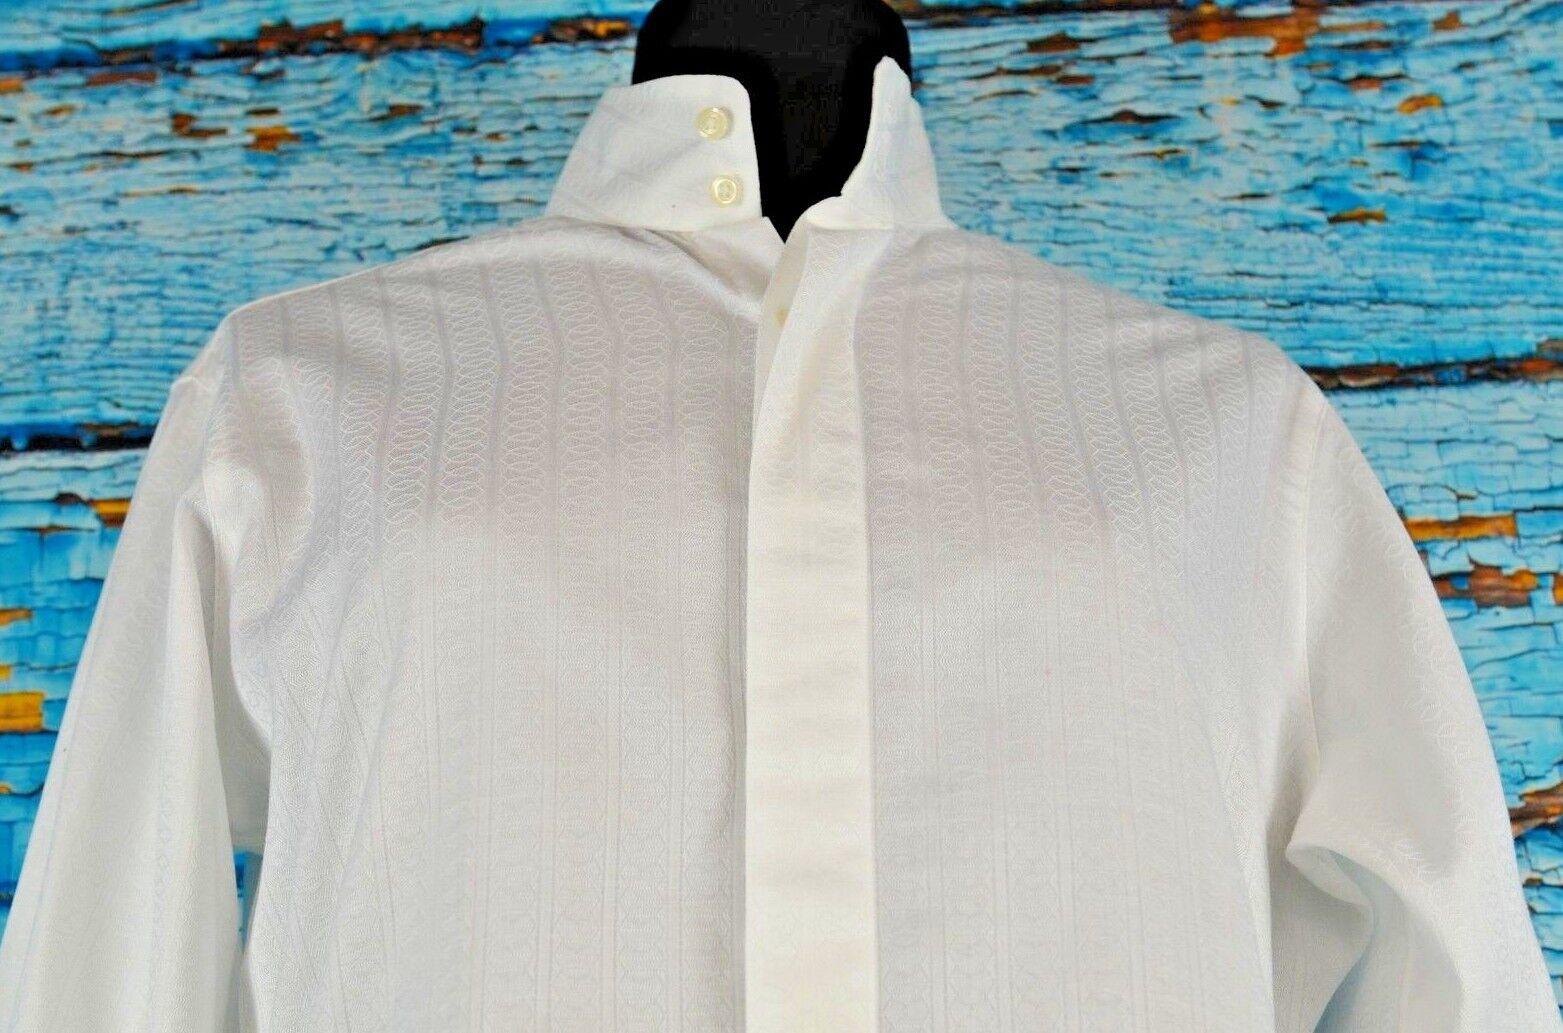 Essex rendimiento colección para mujer mostrar Camiseta Talla  36 Algodón Ecuestre Caballo  elige tu favorito